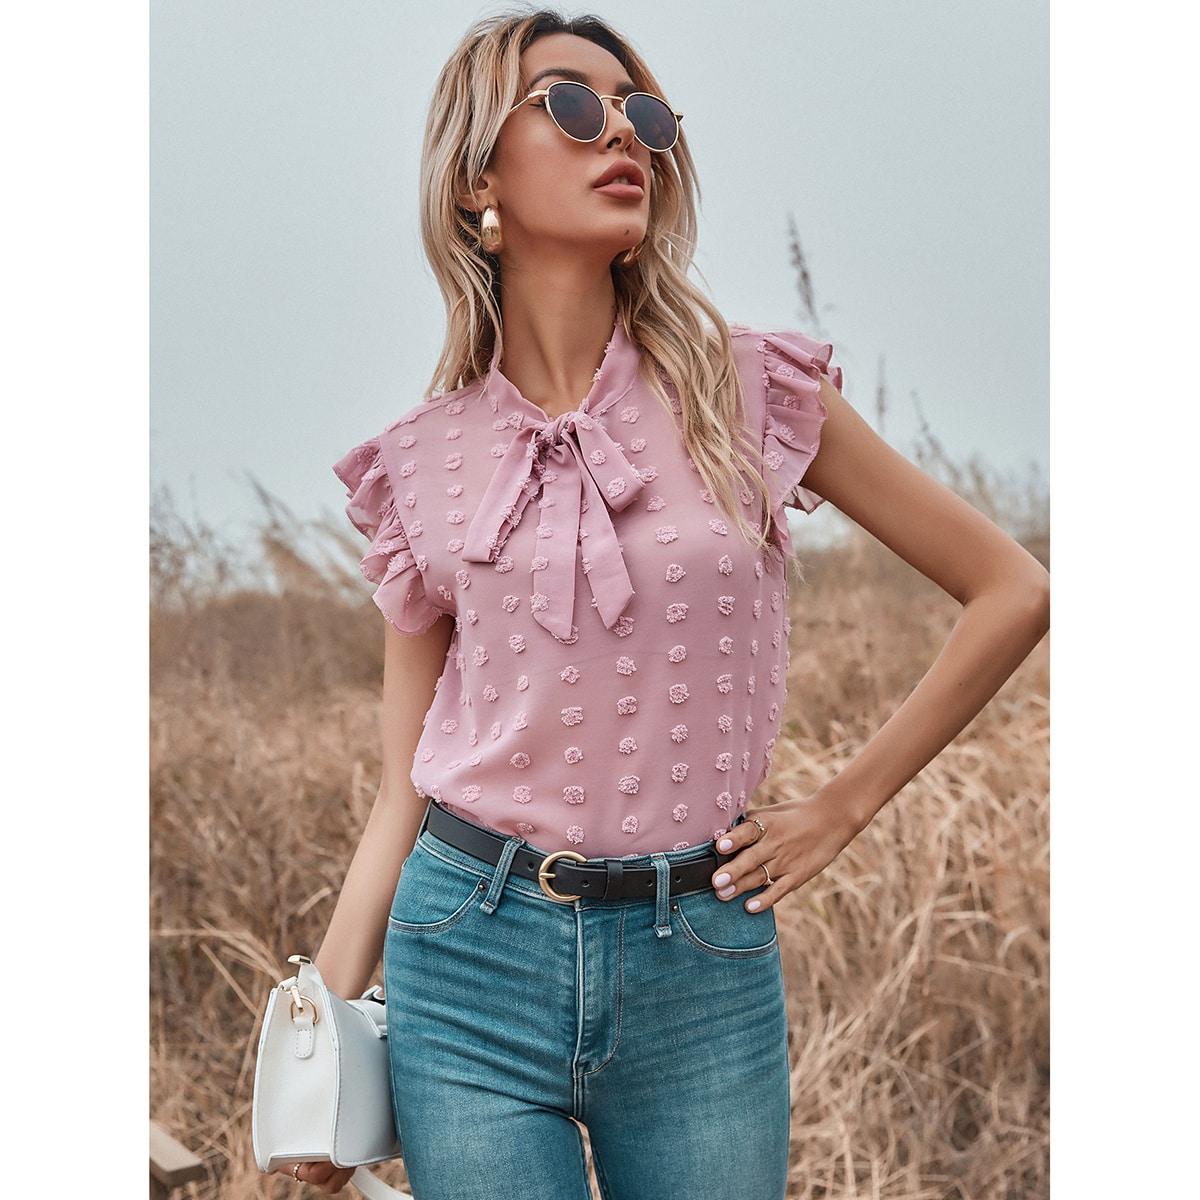 Блуза в горошек с воротником-бантом прозрачный из шифона SheIn swblouse23201210172